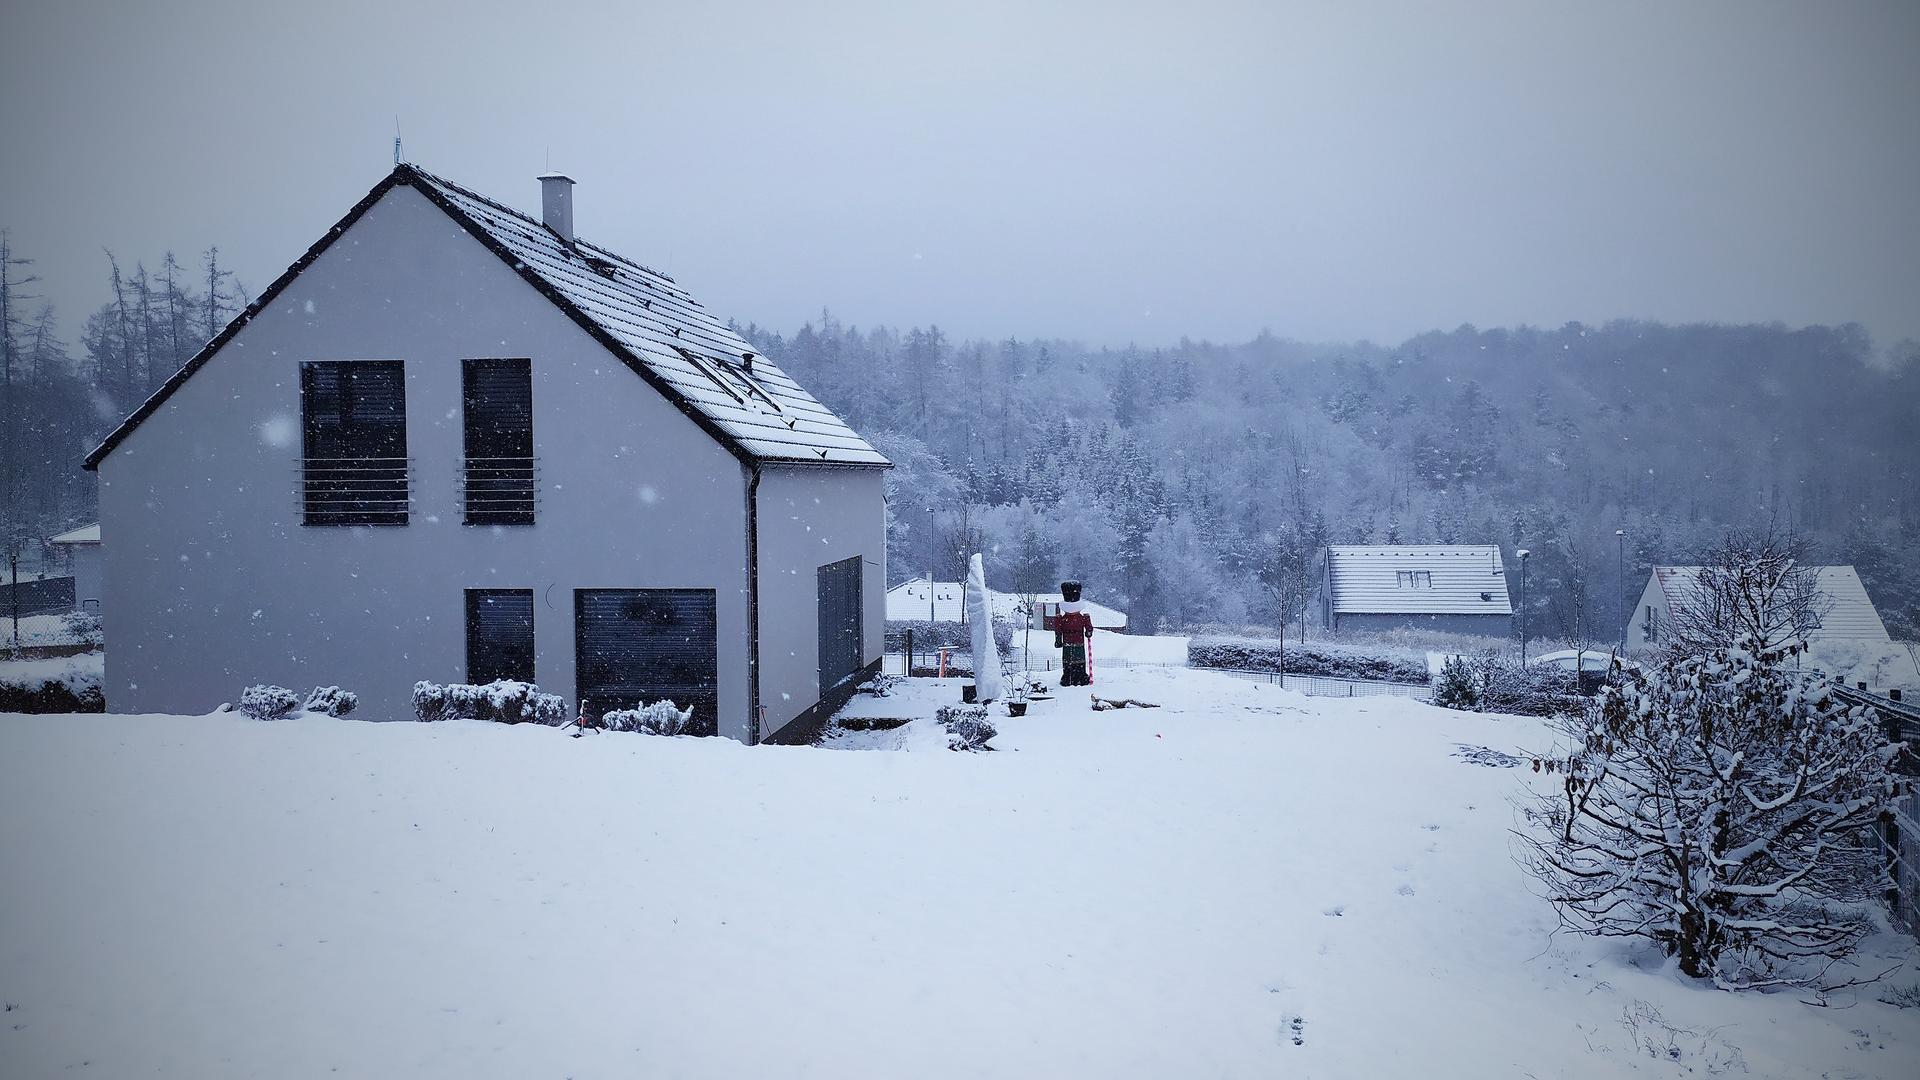 Náš domov ve svahu - zimní království